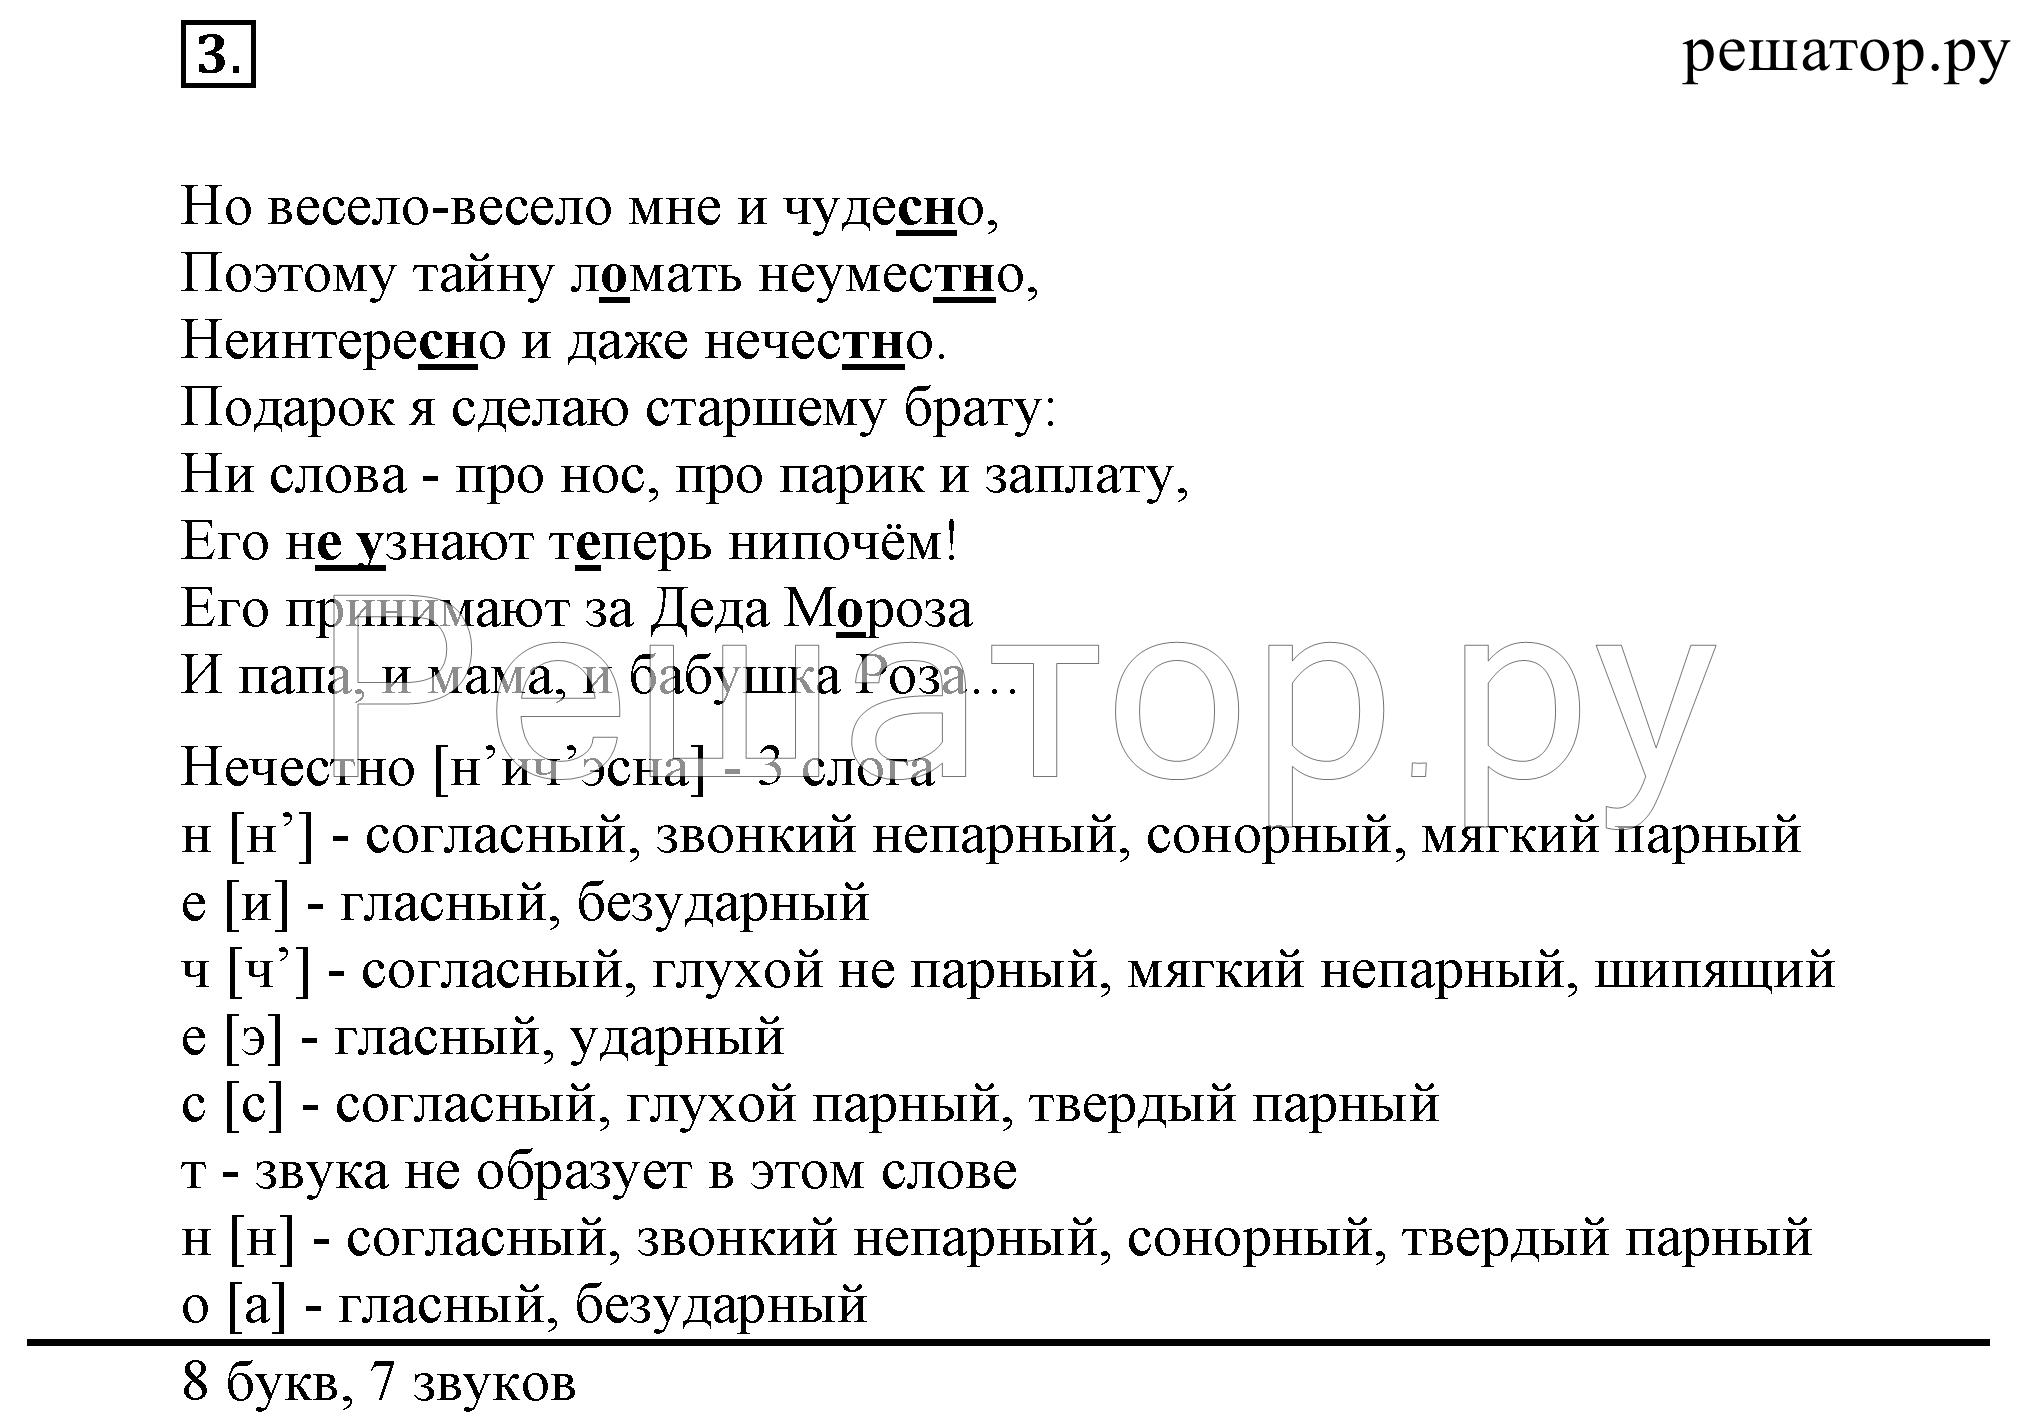 Ответы на упражнения для работы дома по русскому языку 4 класса бунеев часть